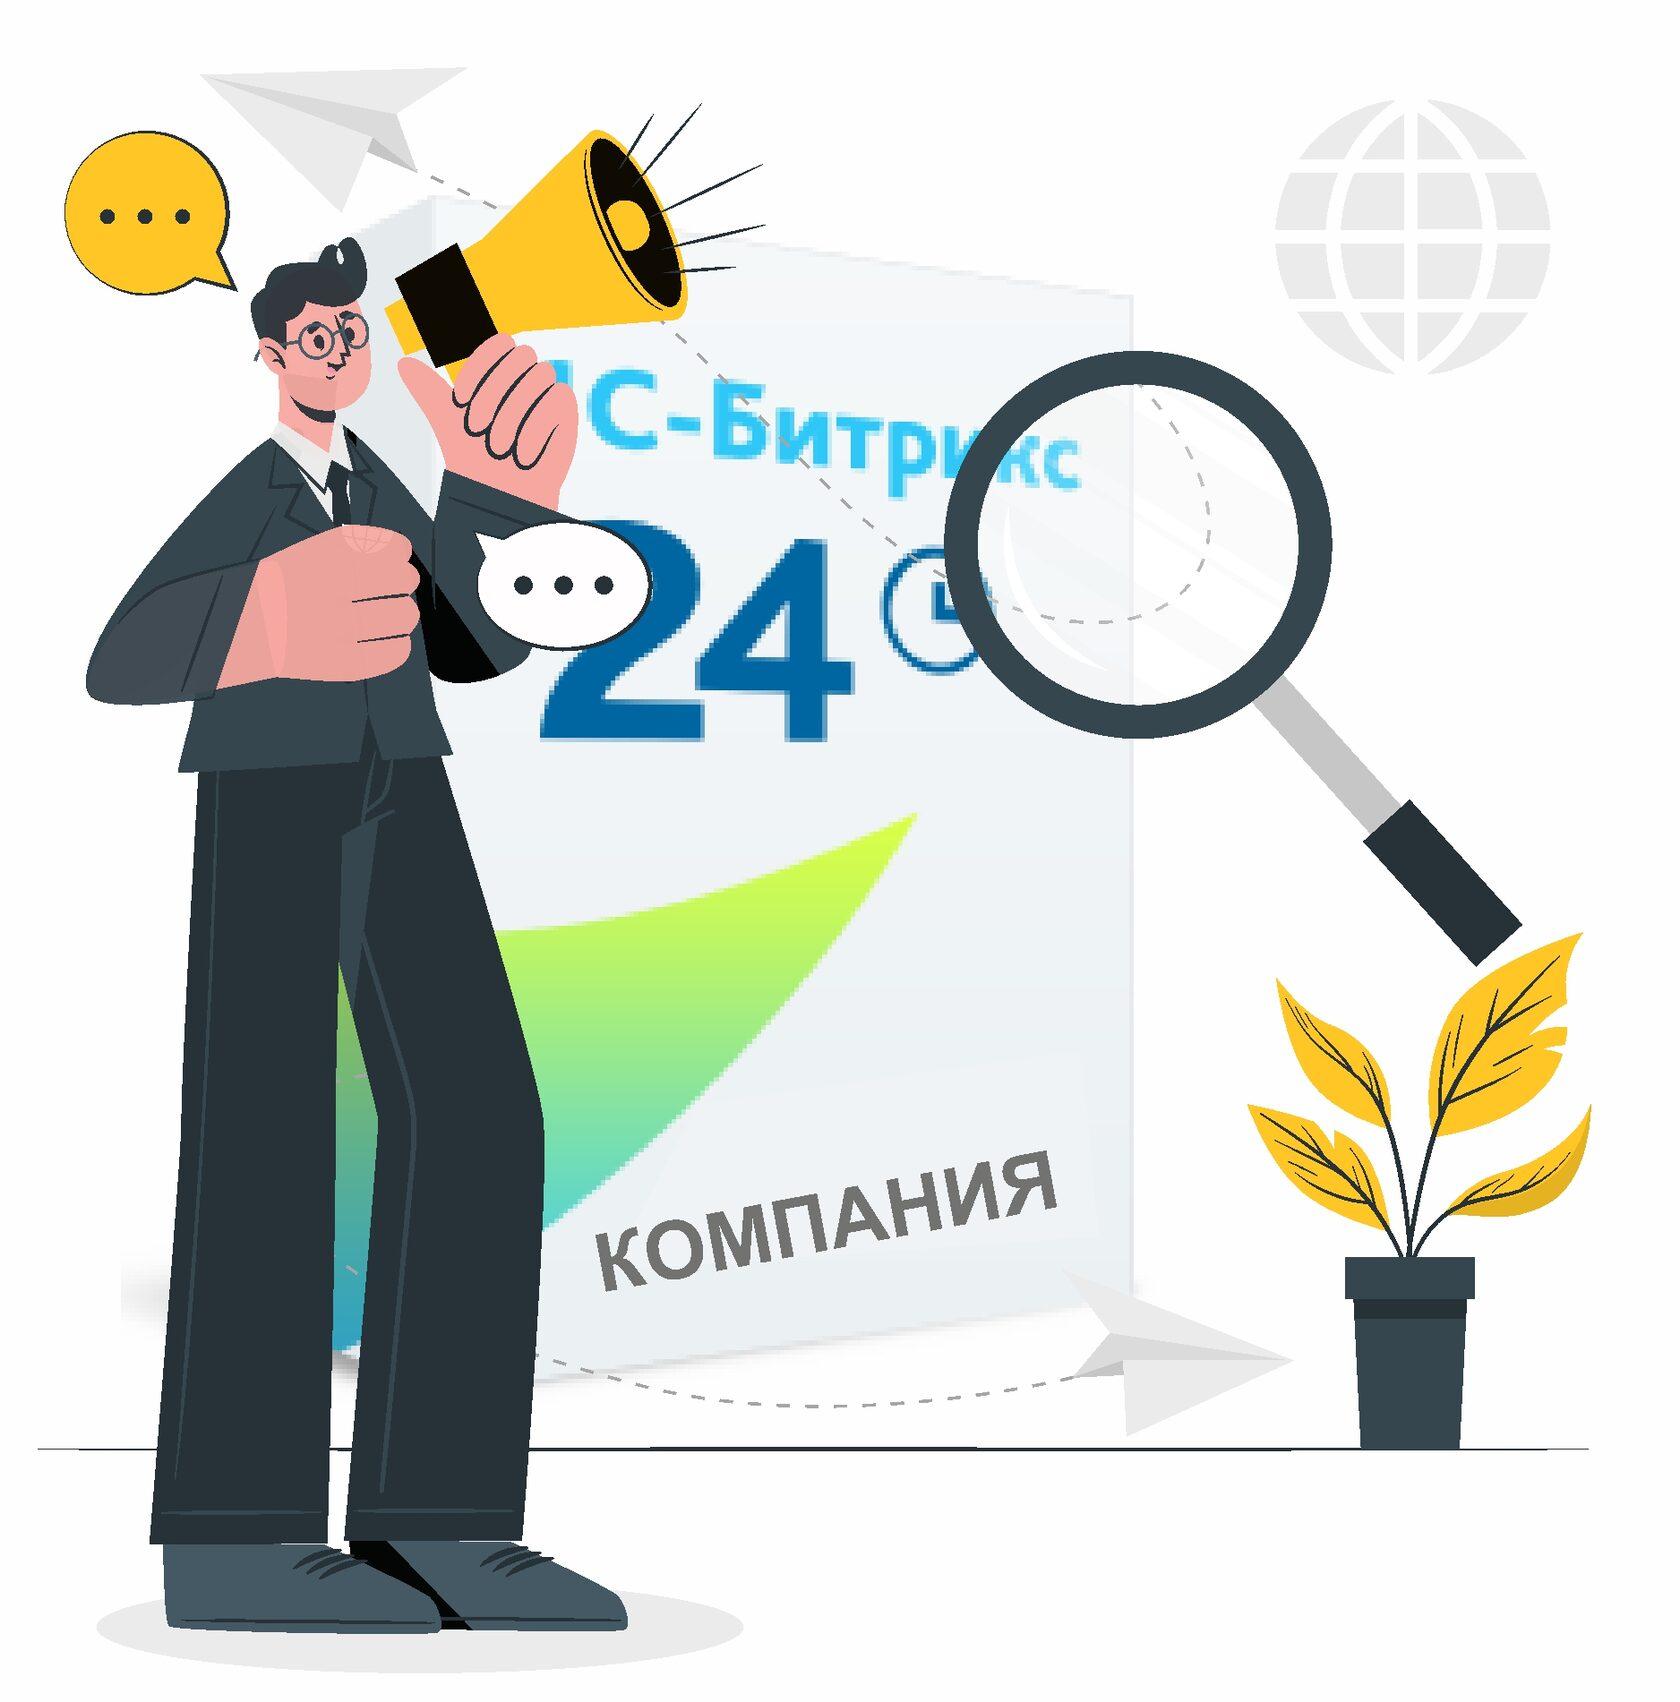 Неограниченное количество пользователей, интеграций и#nbsp; дополнительных сервисов, автоматизированная CRM,#nbsp;учет рабочего времени, видеозвонки,#nbsp;смарт процессы и встроенный редактор документов - все это о Команде